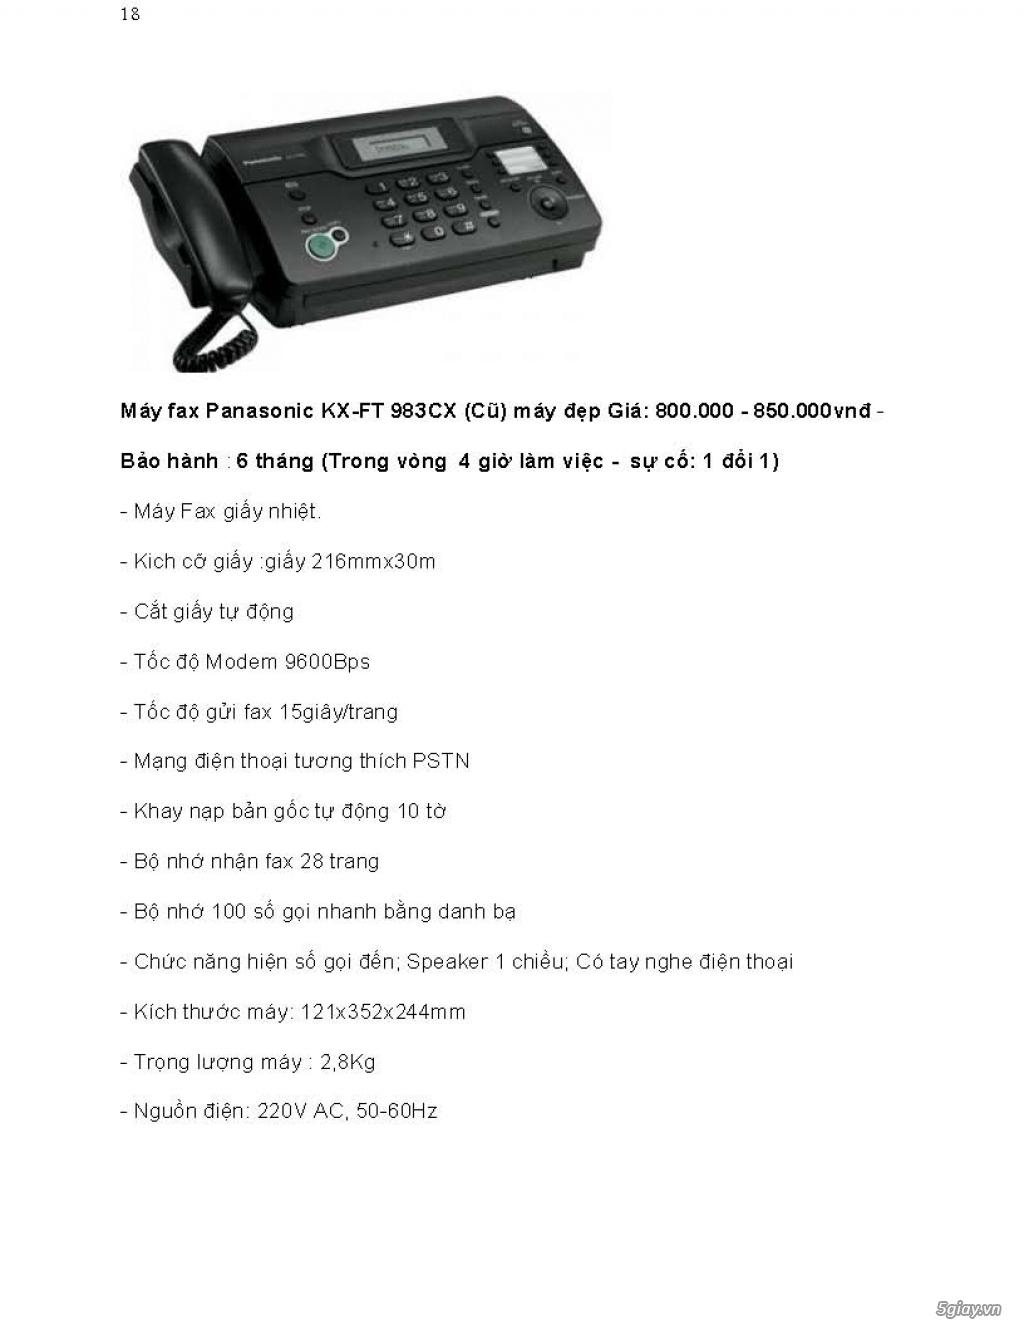 Sửa chữa Bộ Đàm,Máy Fax,Tổng Đài - 29